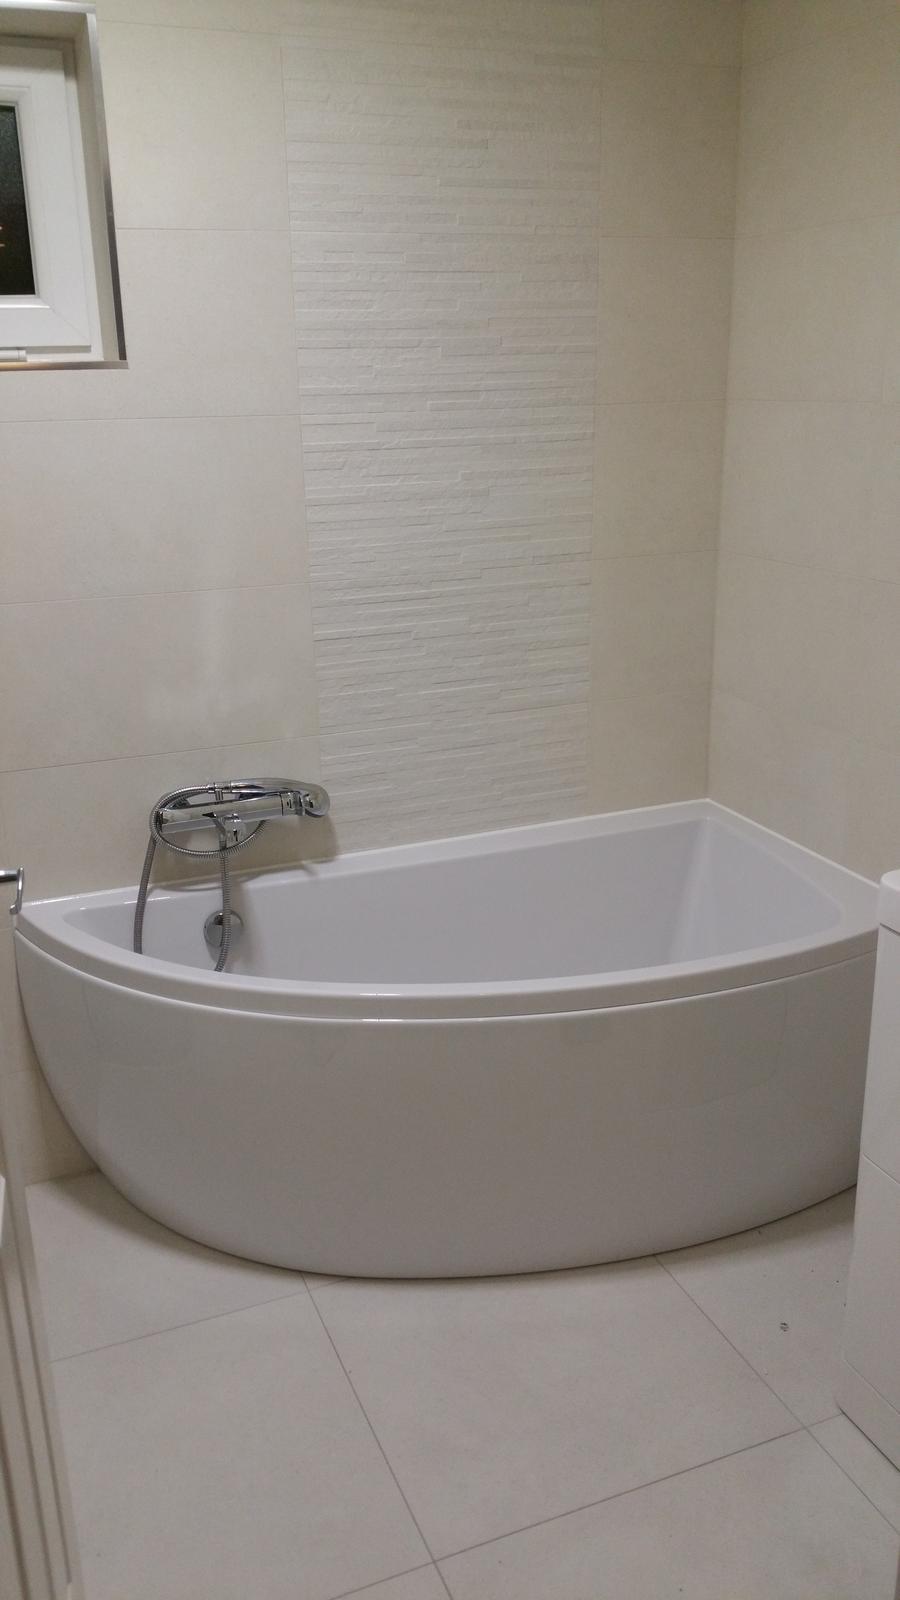 Kúpeľňa Manchester GB - Obrázok č. 11